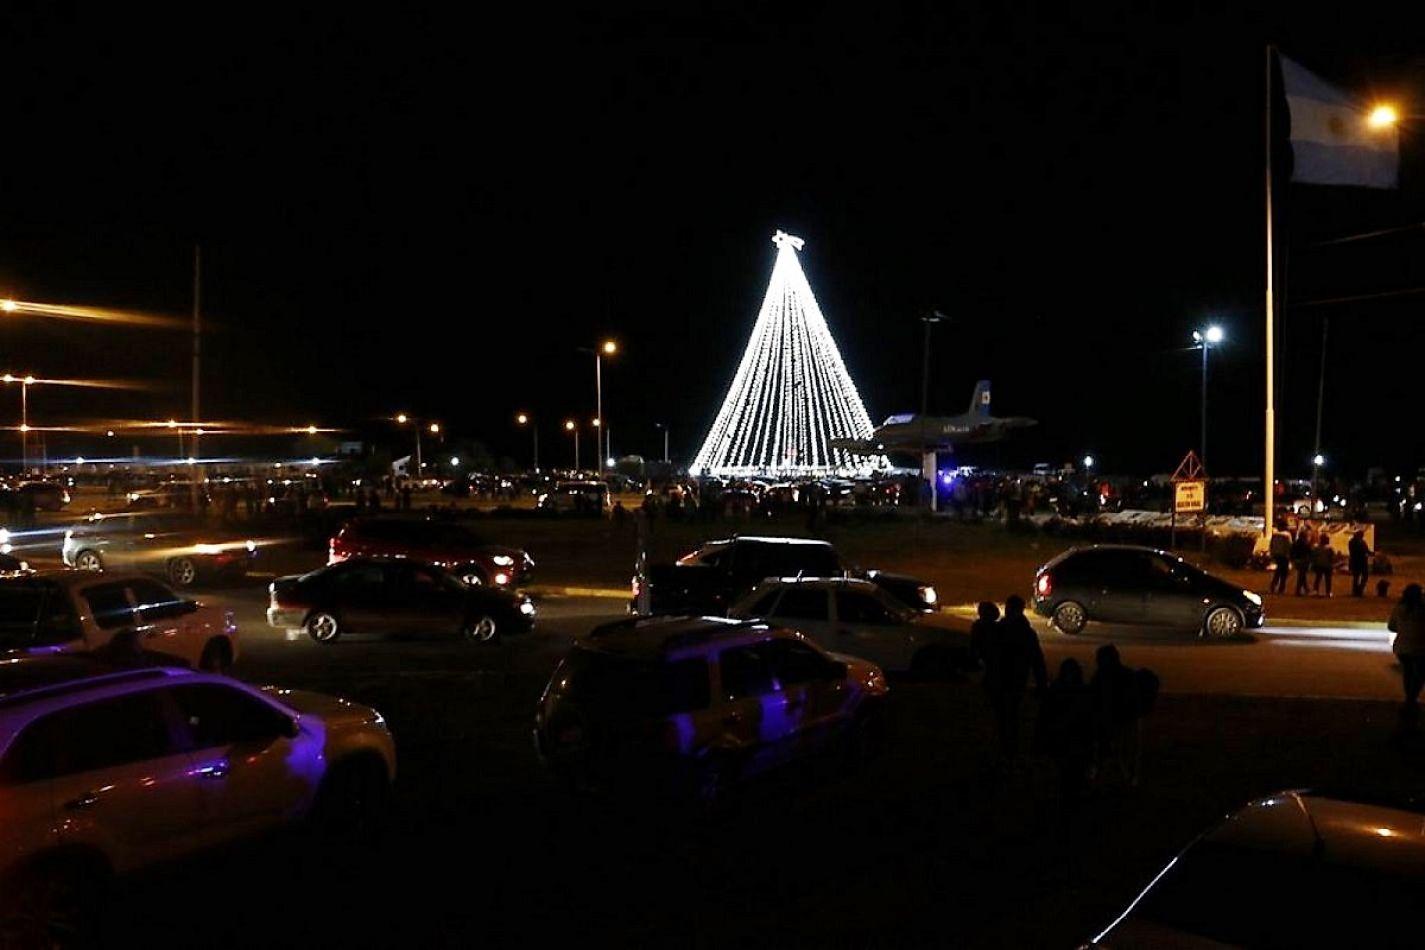 Encendieron las luces del árbol de Navidad